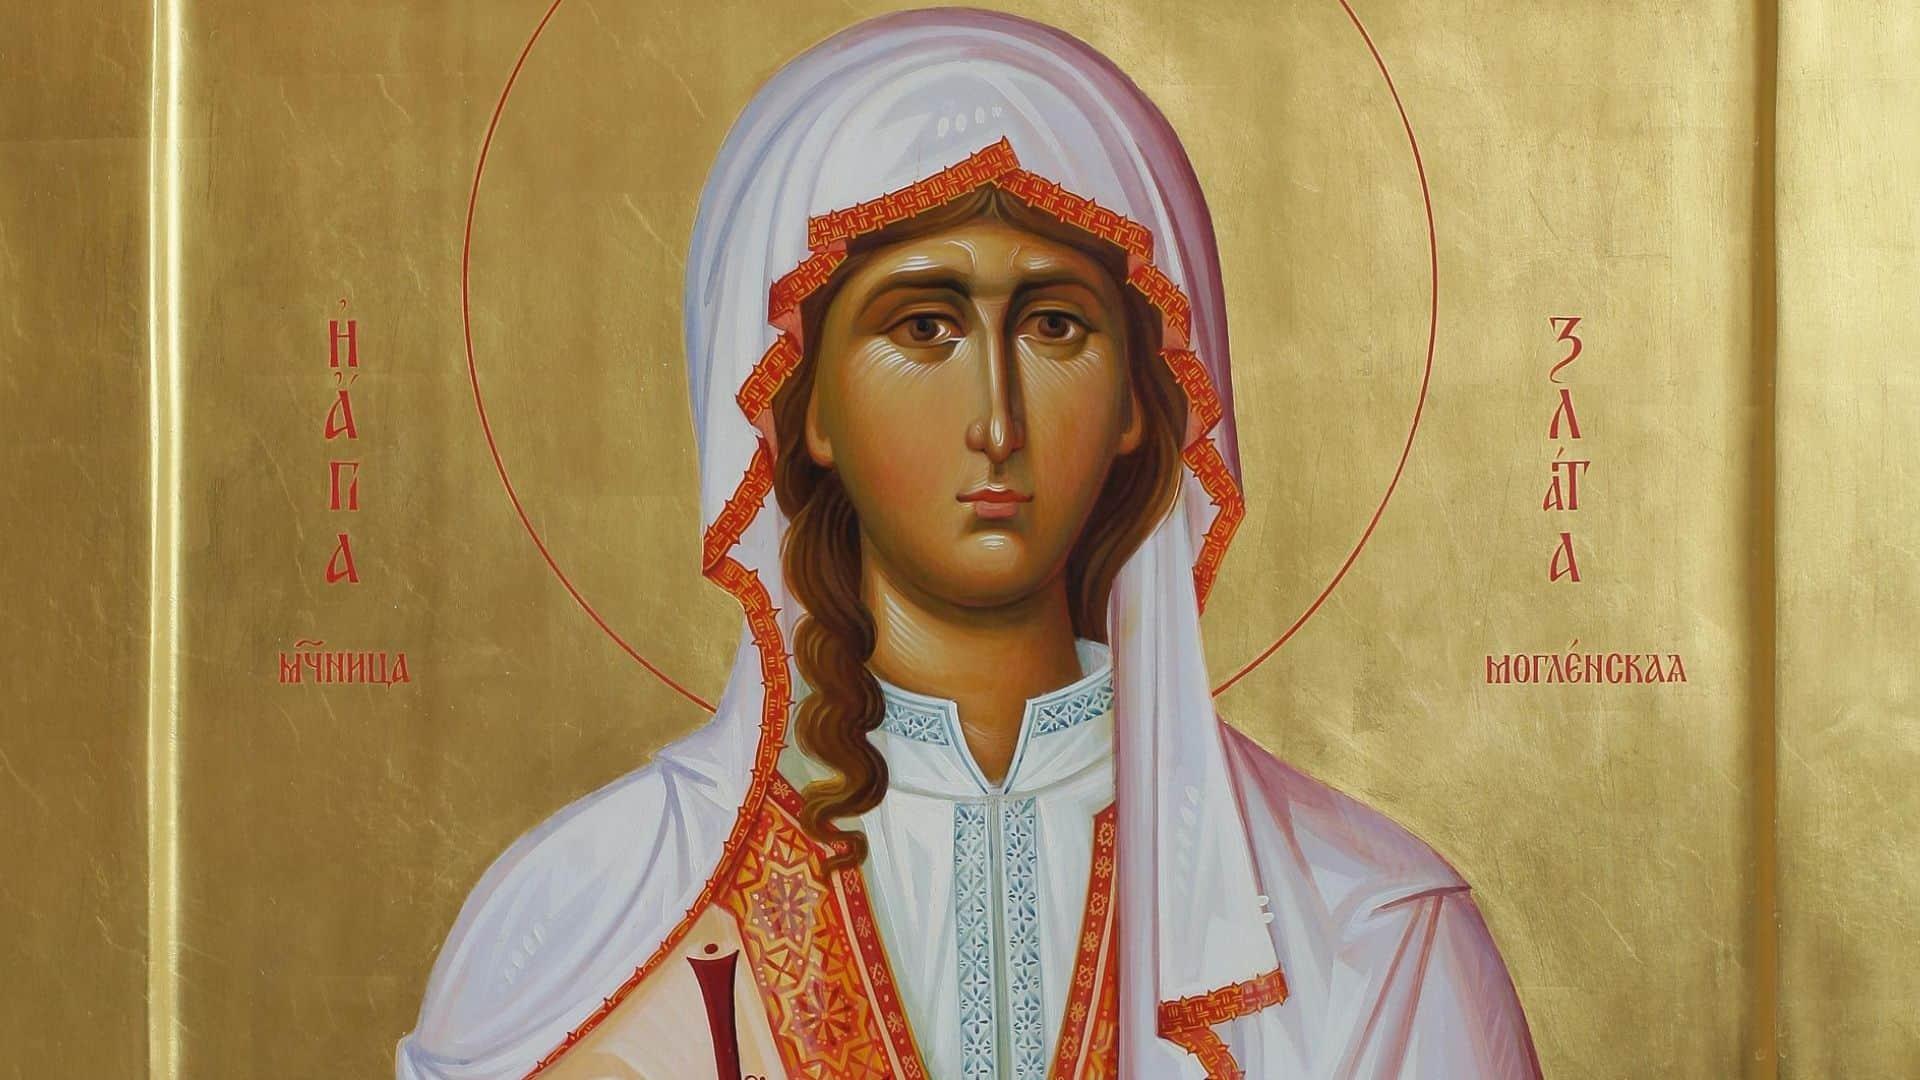 Житие Новомученицы Хрисы (Златы) Могленской, Болгария. изображение, фото 1